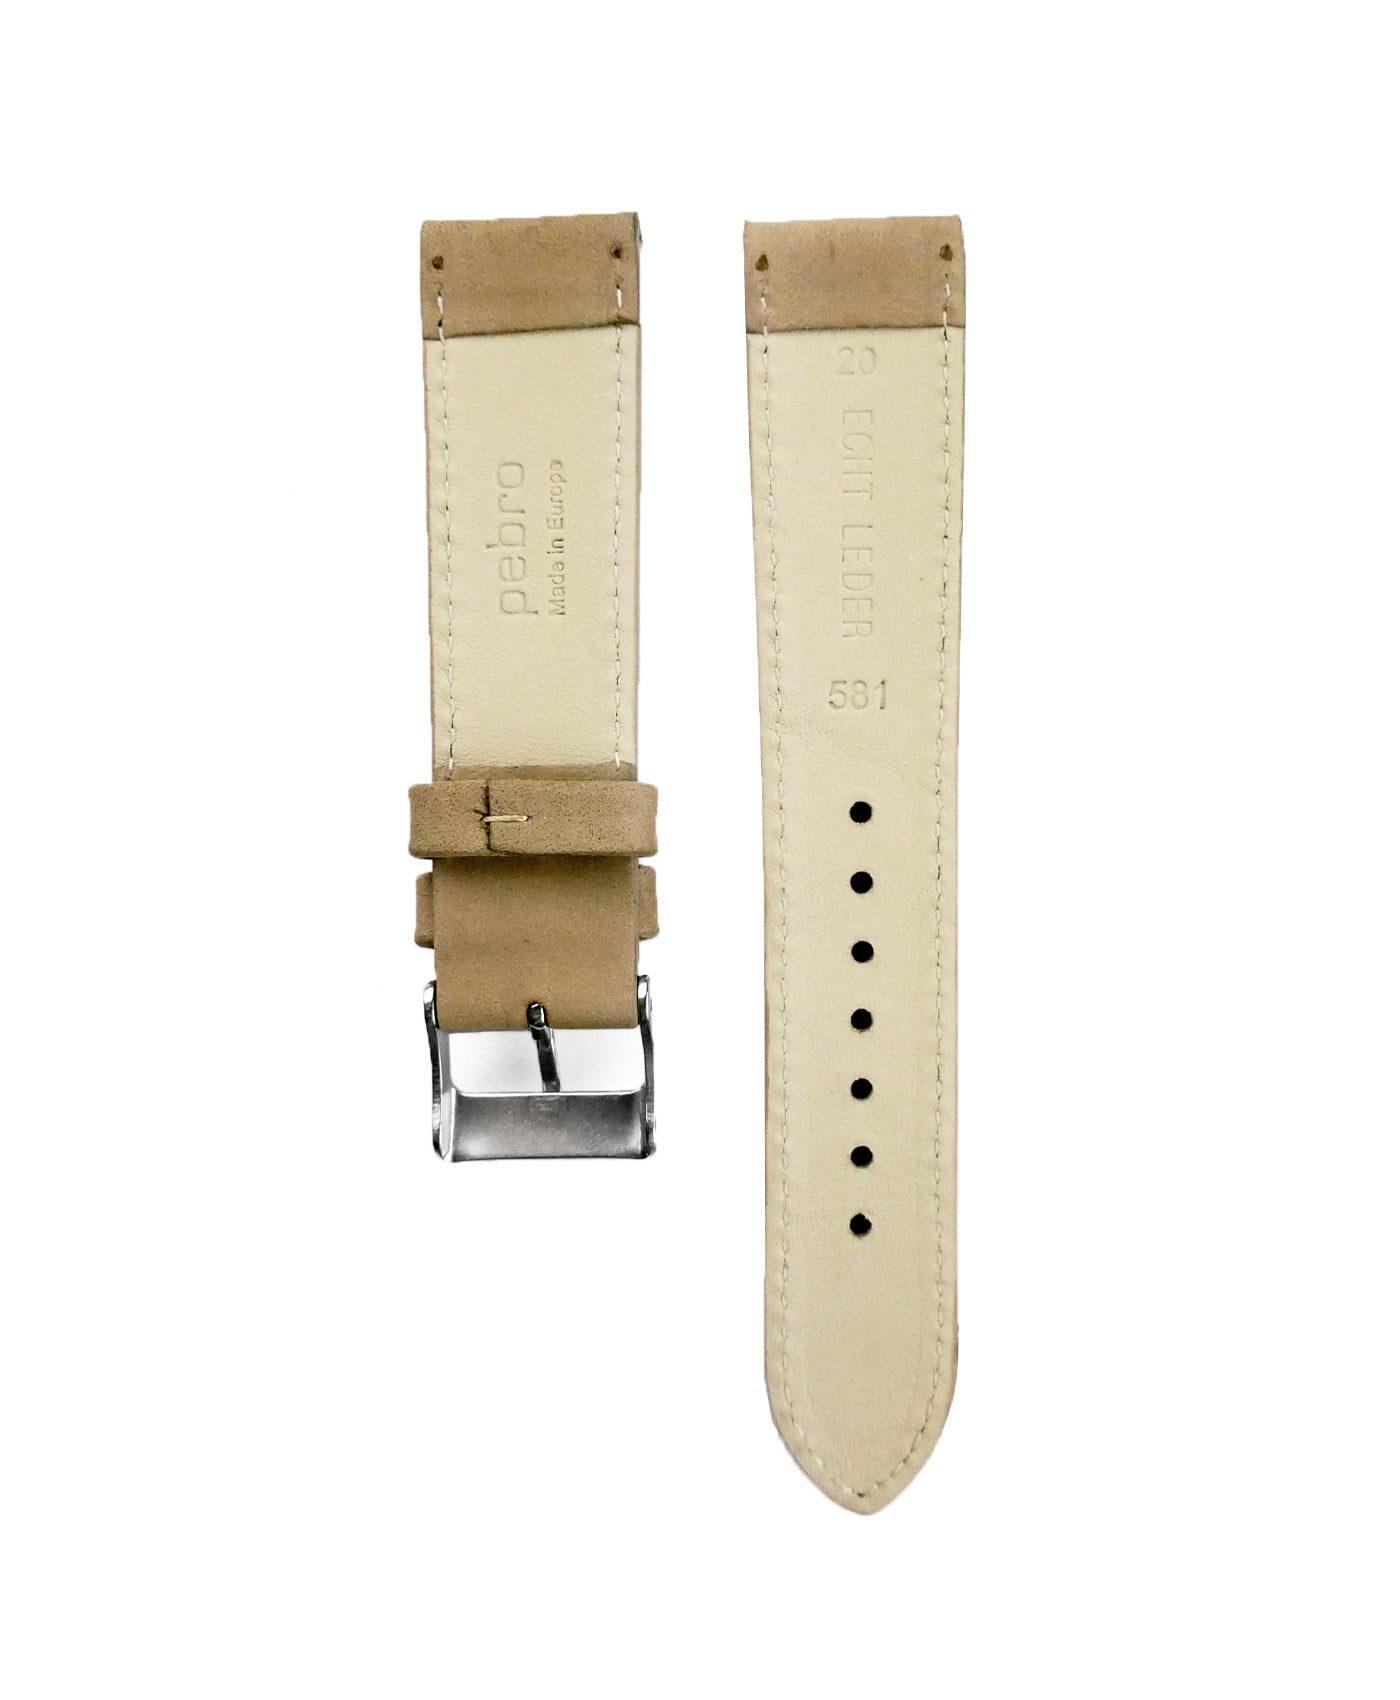 Pebro Premium Calfskin Watch Strap Sand/Beige No 581 back